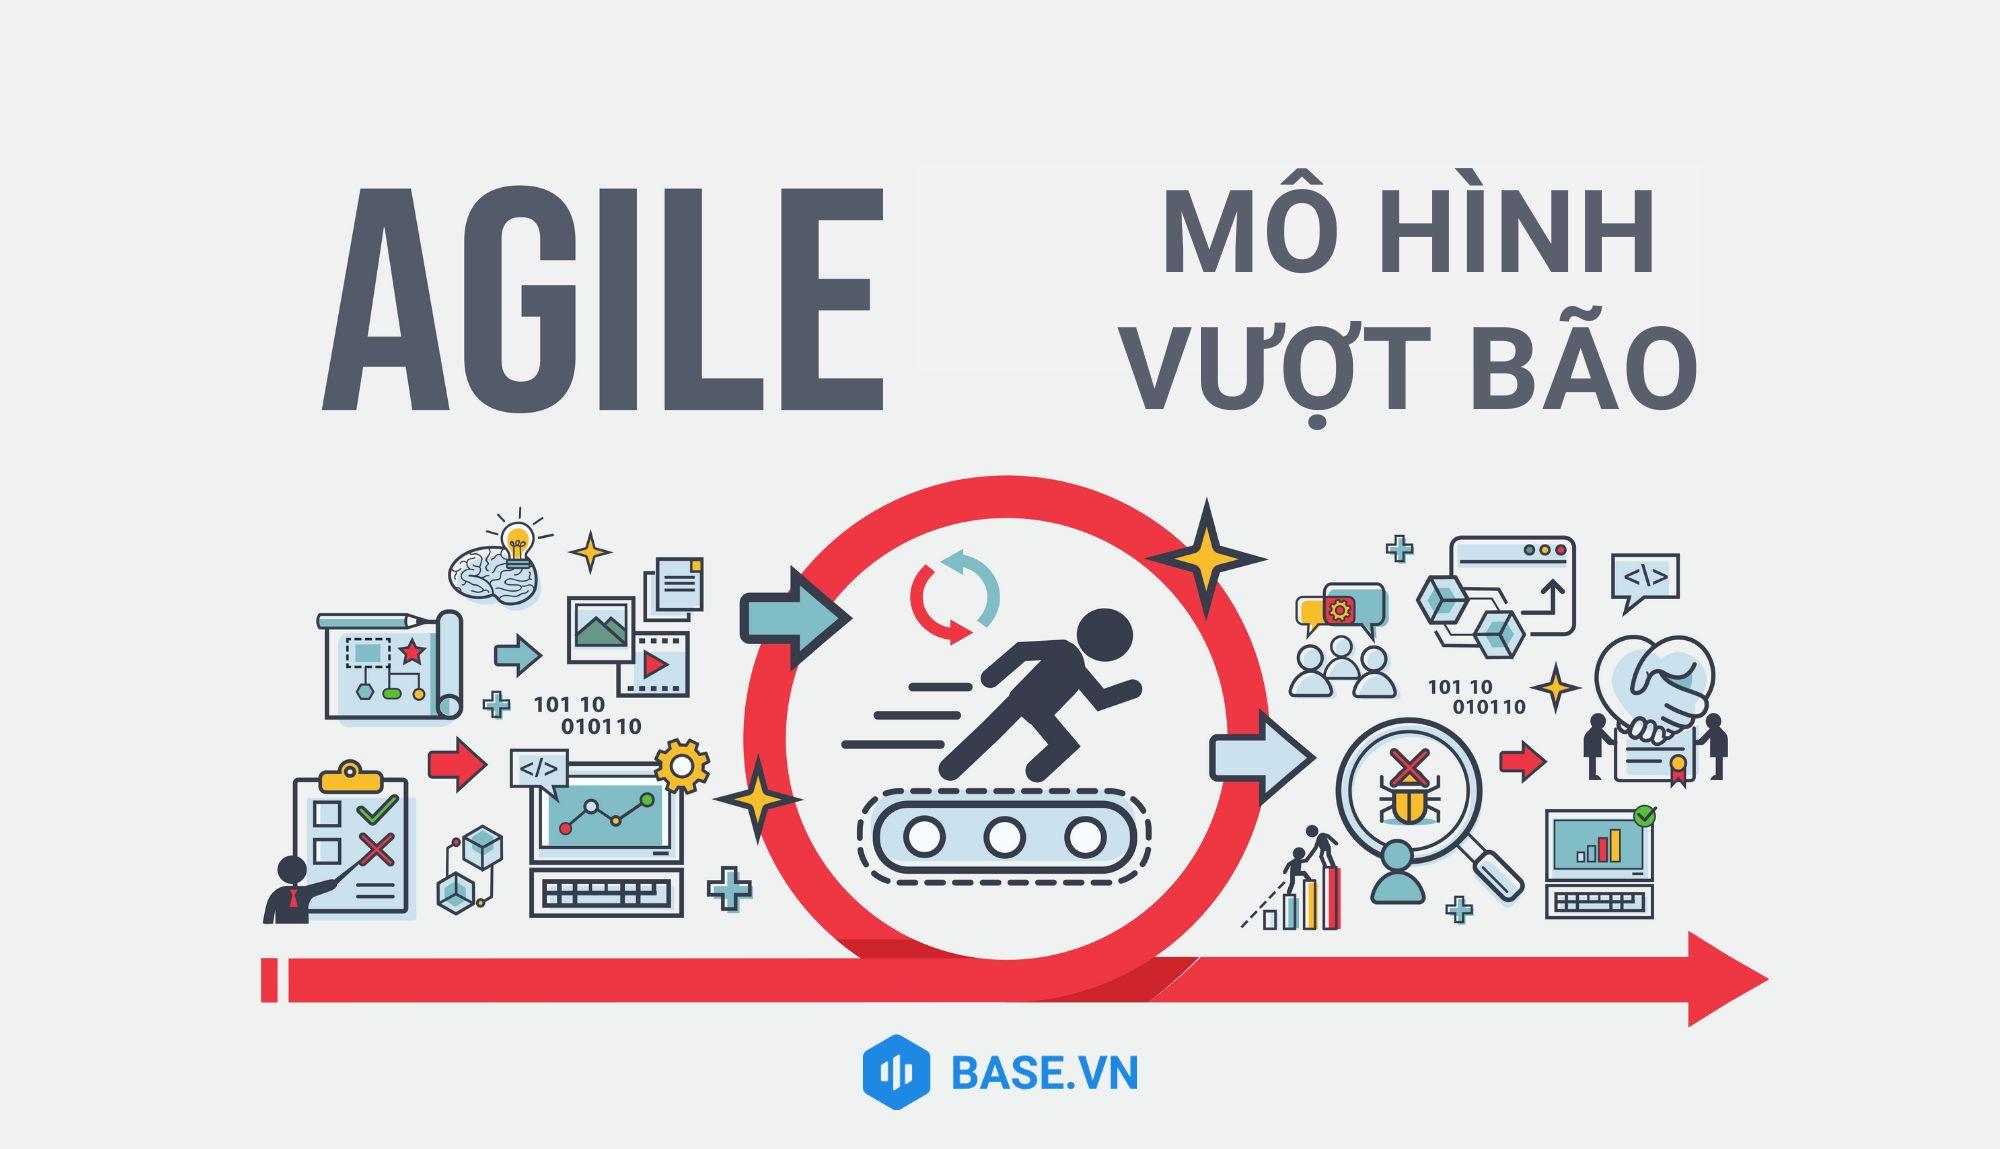 Agile Organization: Mô hình vượt bão kỷ nguyên VUCA